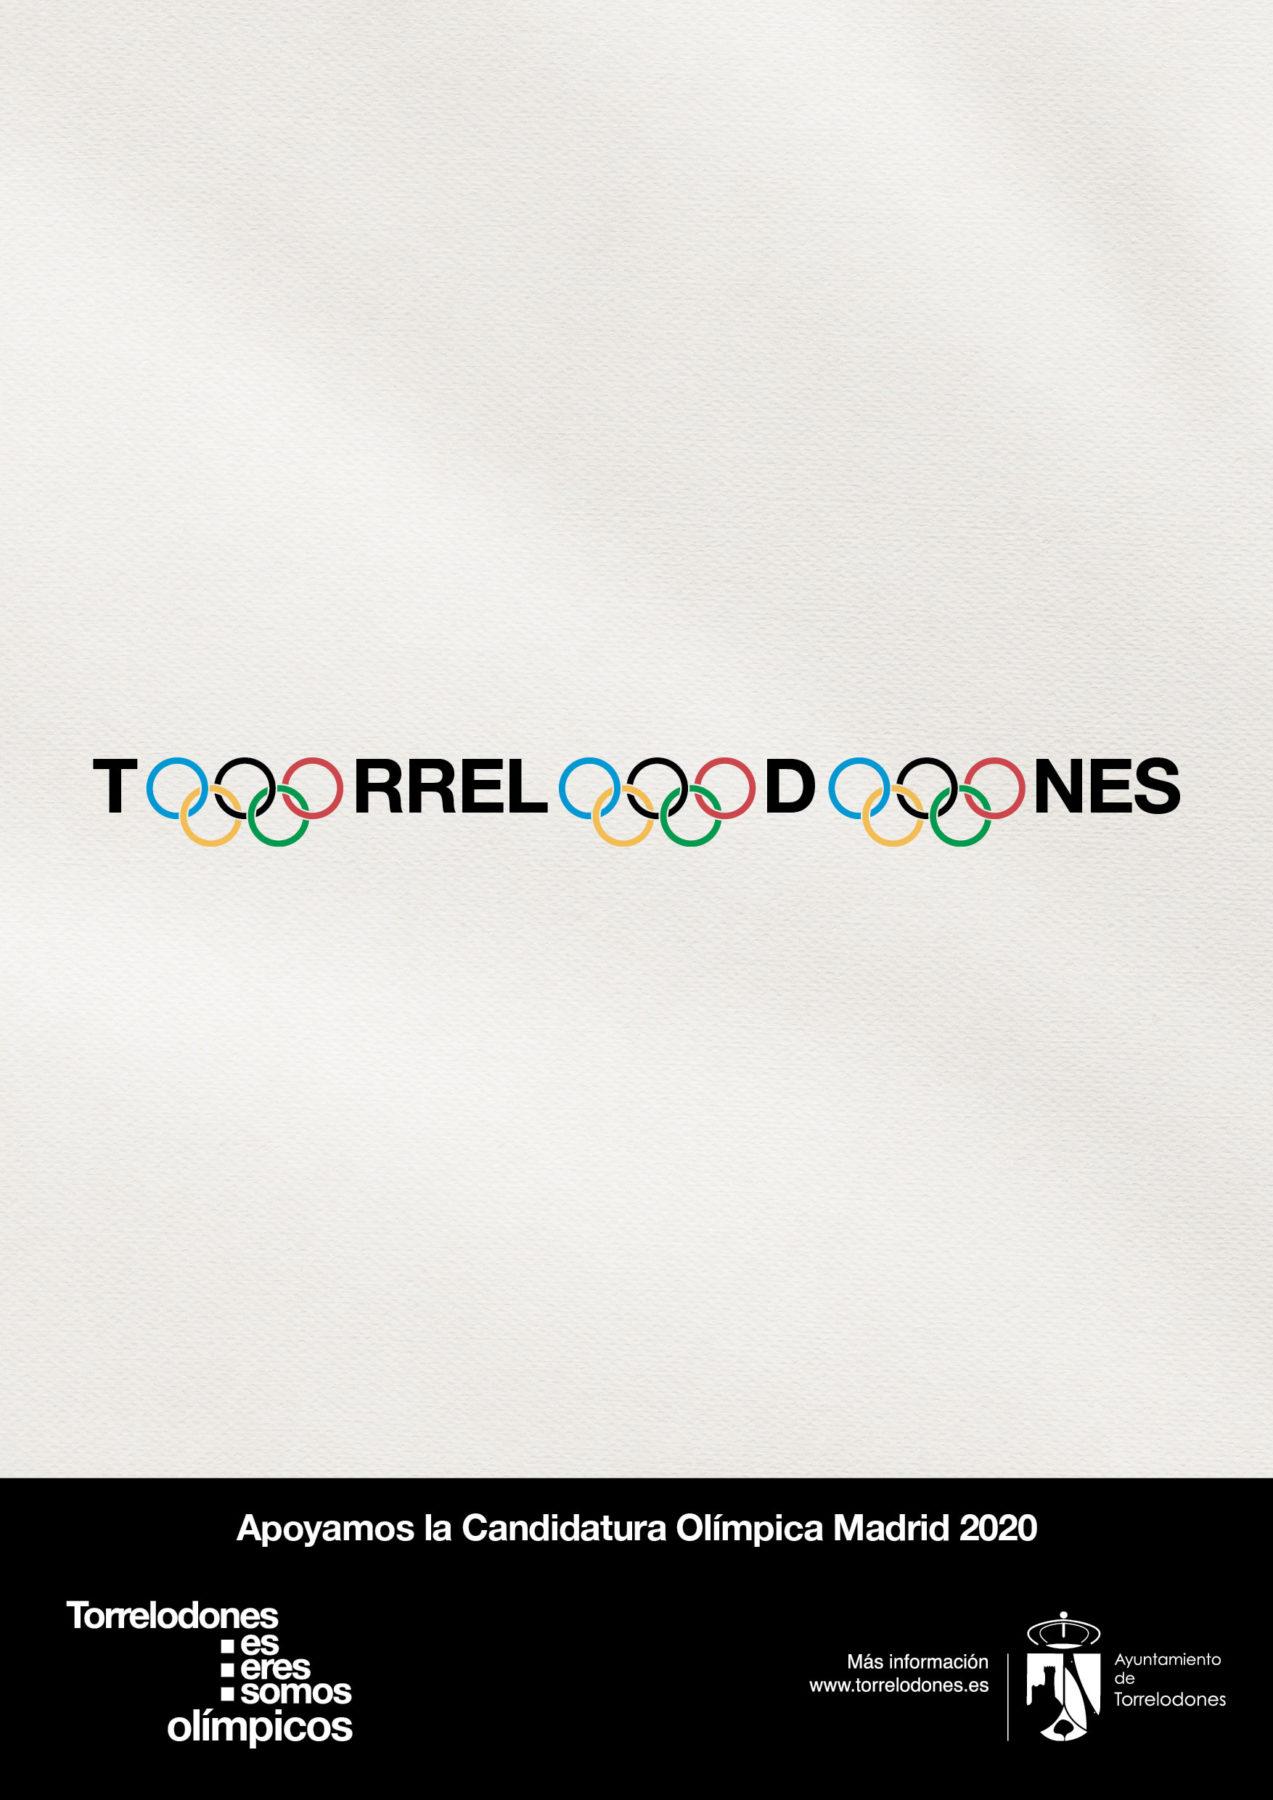 Madrid-2020-olimpico